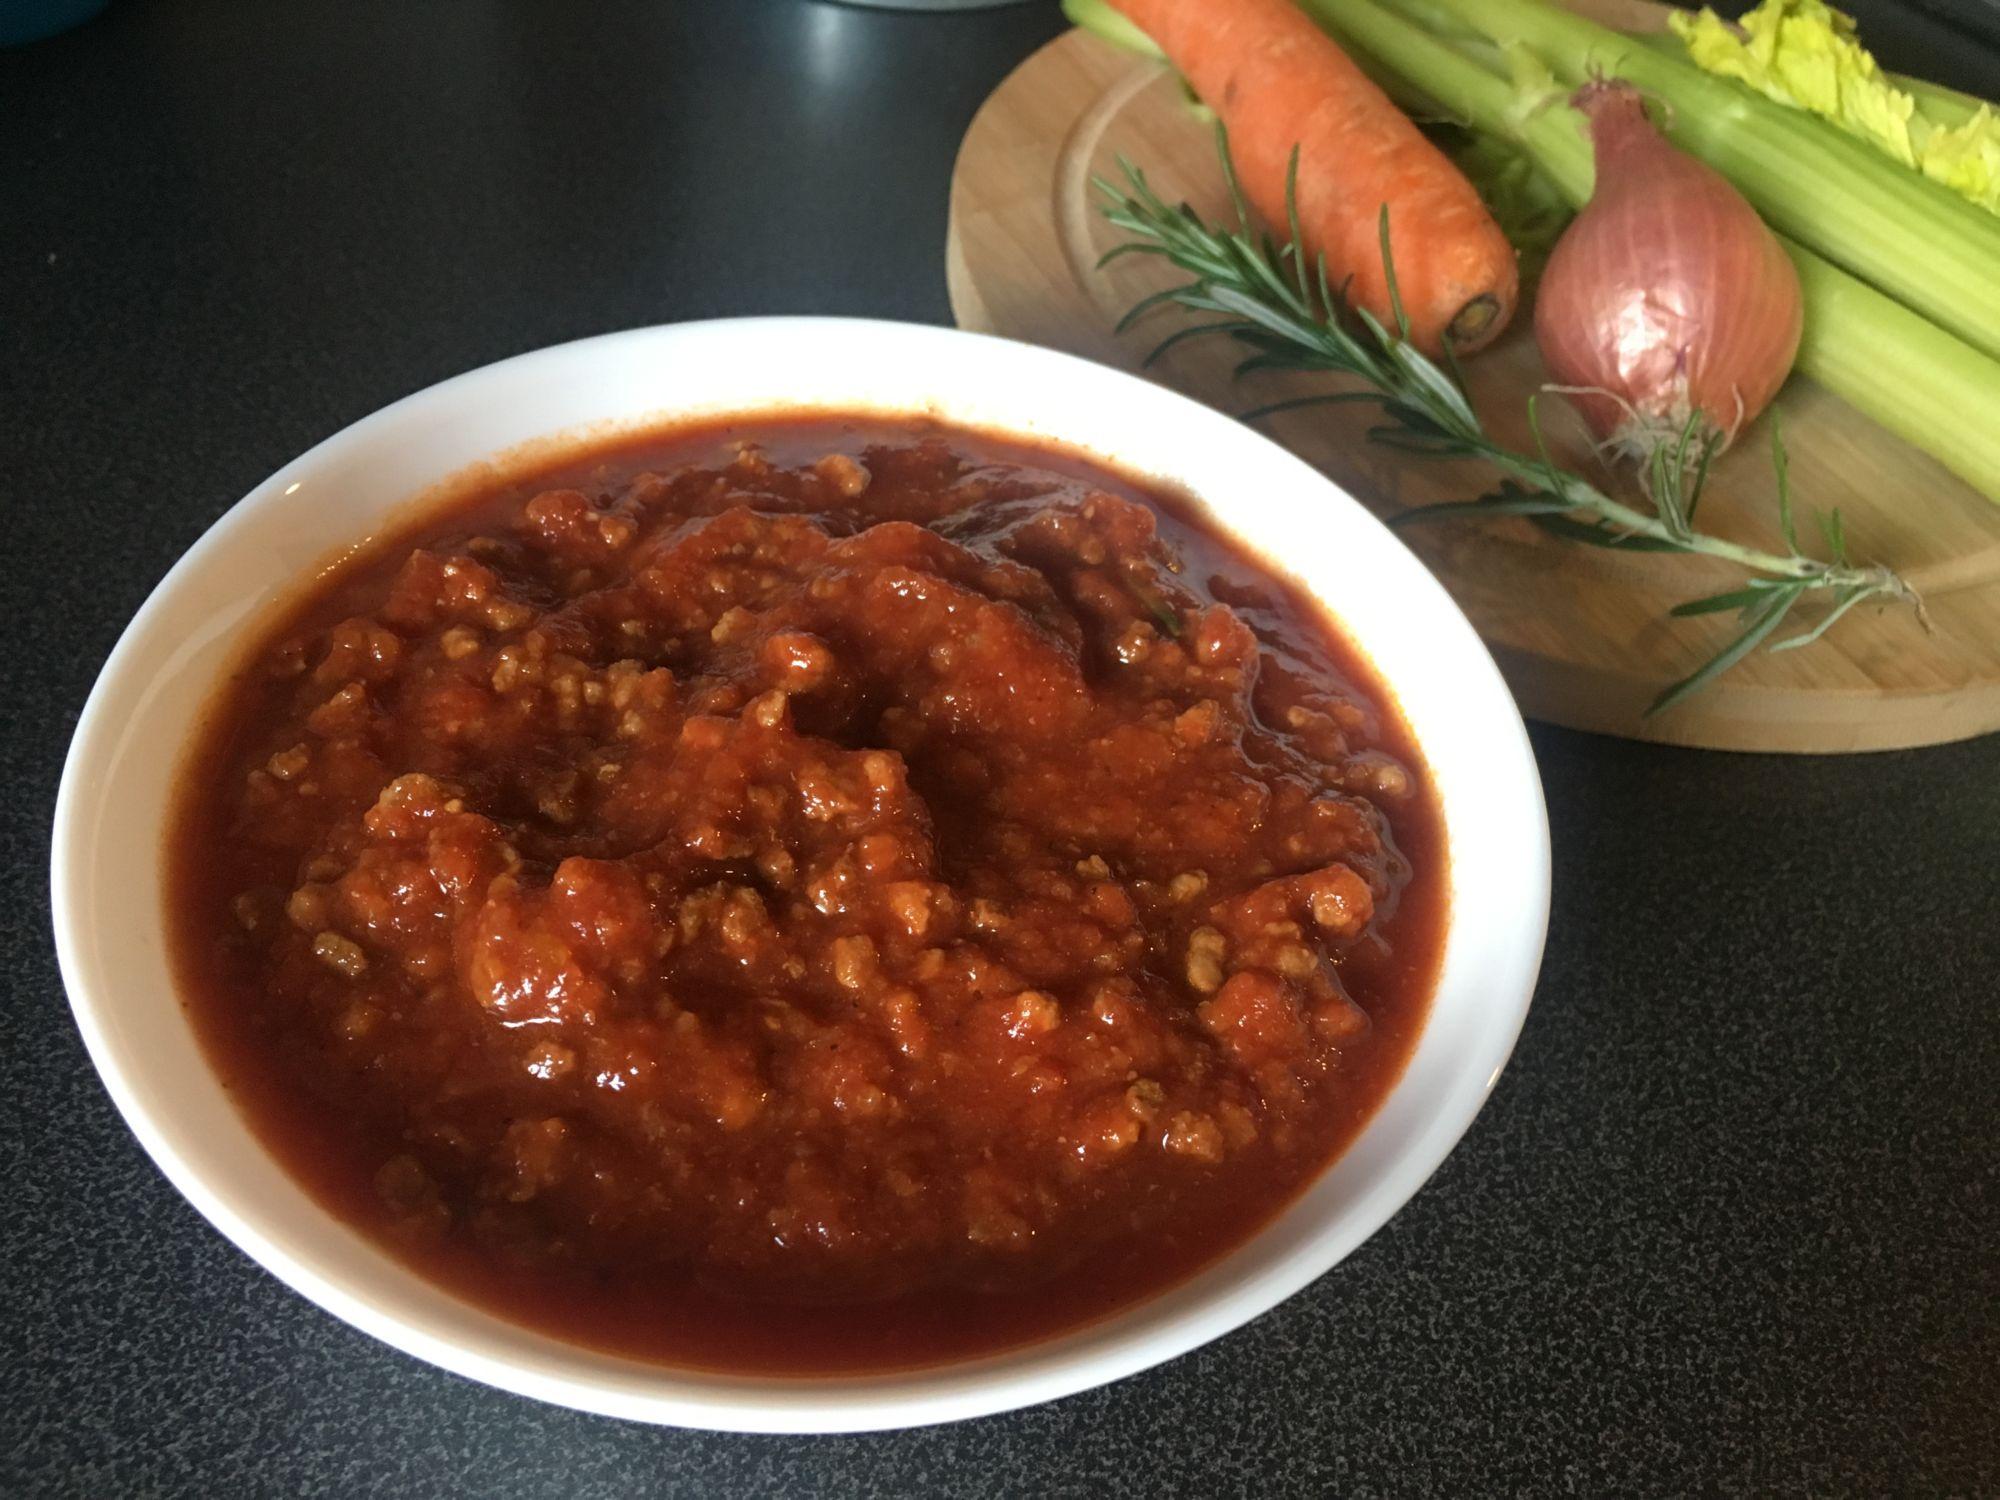 Boloňská omáčka na těstoviny jen z hovězího masa